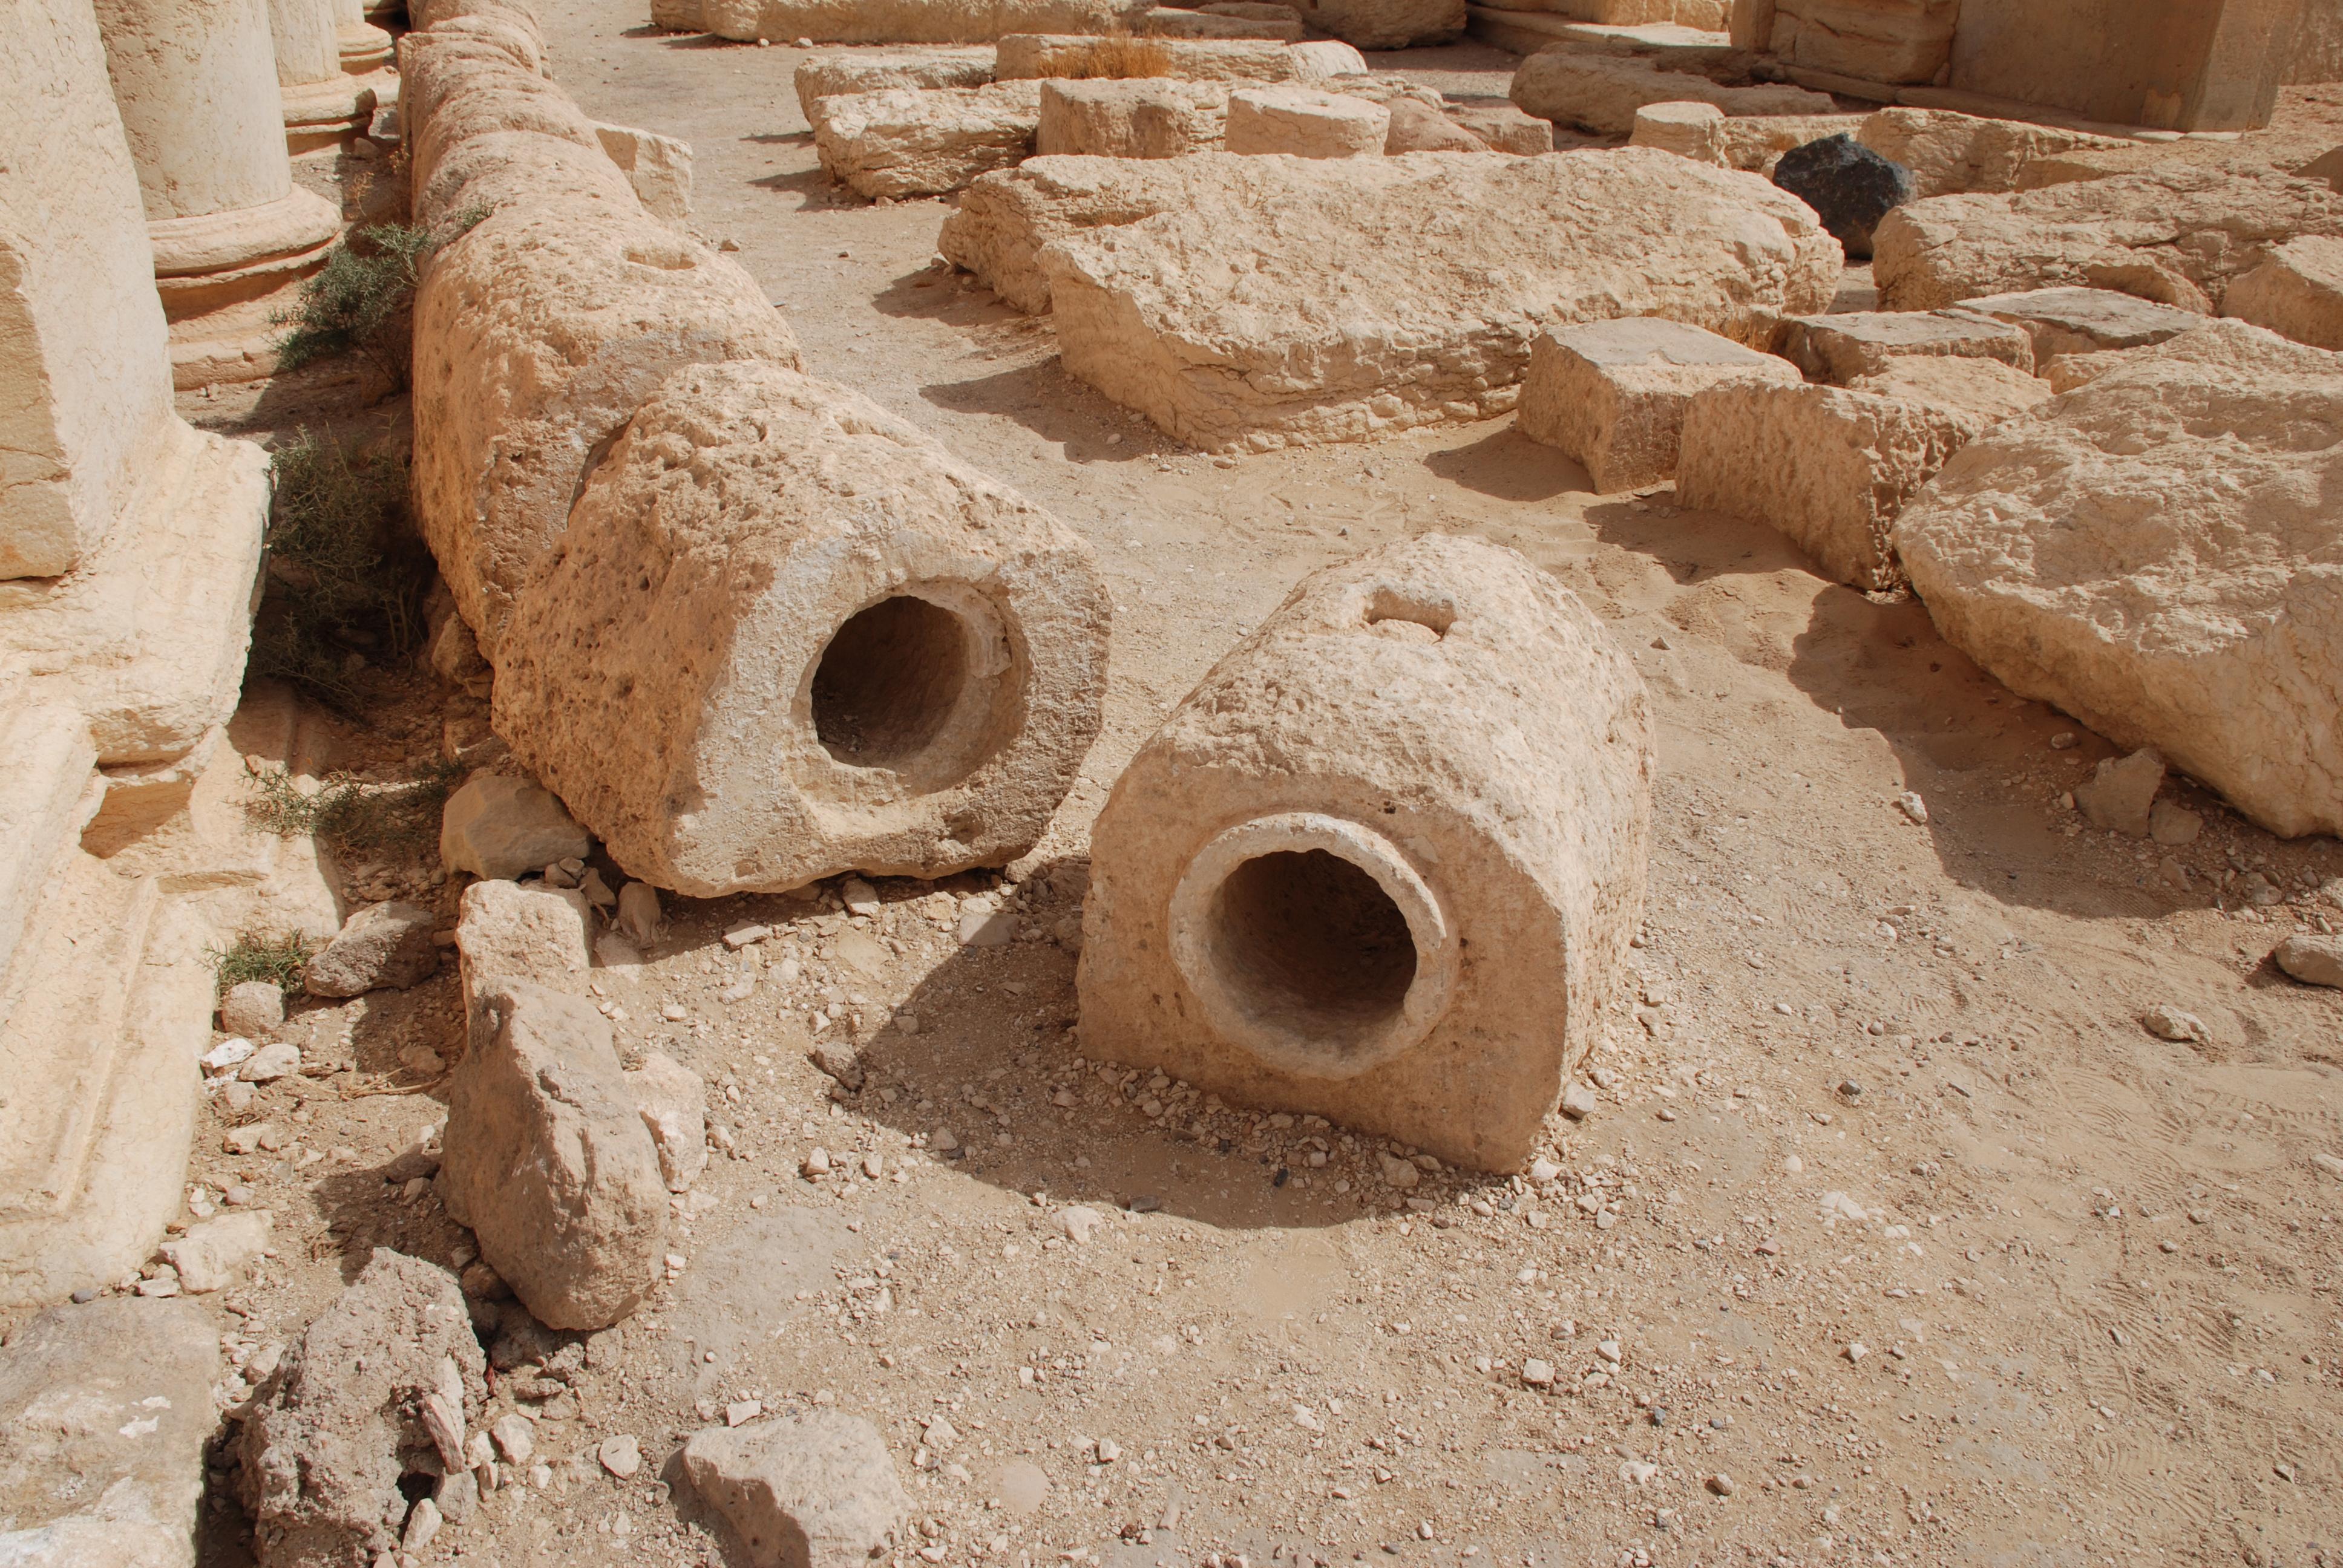 Detalle de las tuberías de piedra